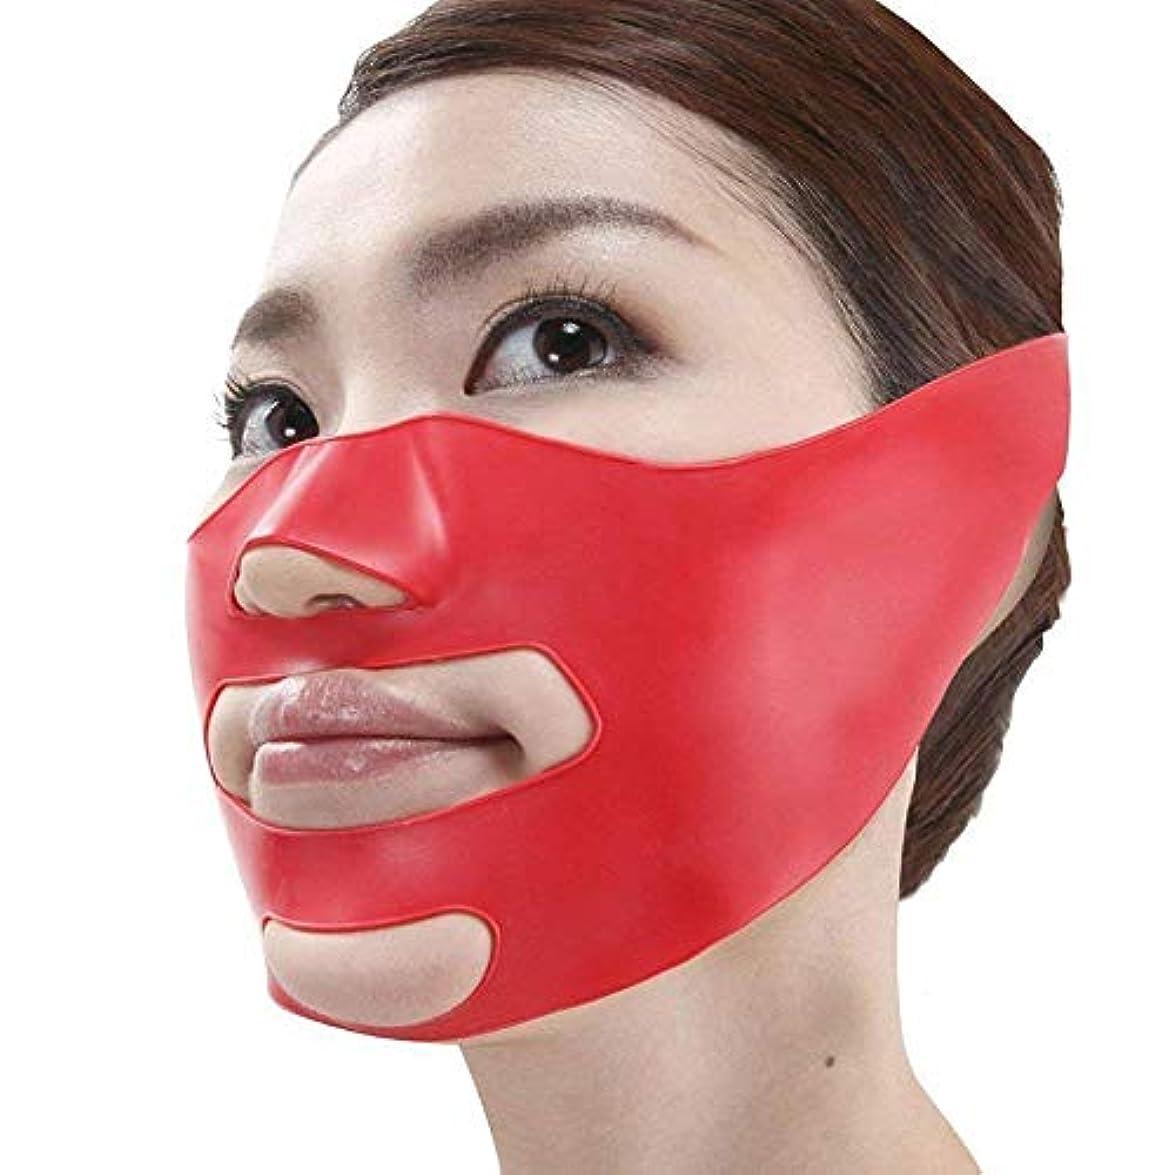 社交的ラリー米ドル小顔矯正 マスク 小顔補正ベルト ほうれい線 リフトスリムマスク 3Dエクササイズマスク 法令線予防 抗シワ サウナマスク 美容グッ (フリーサイズ)